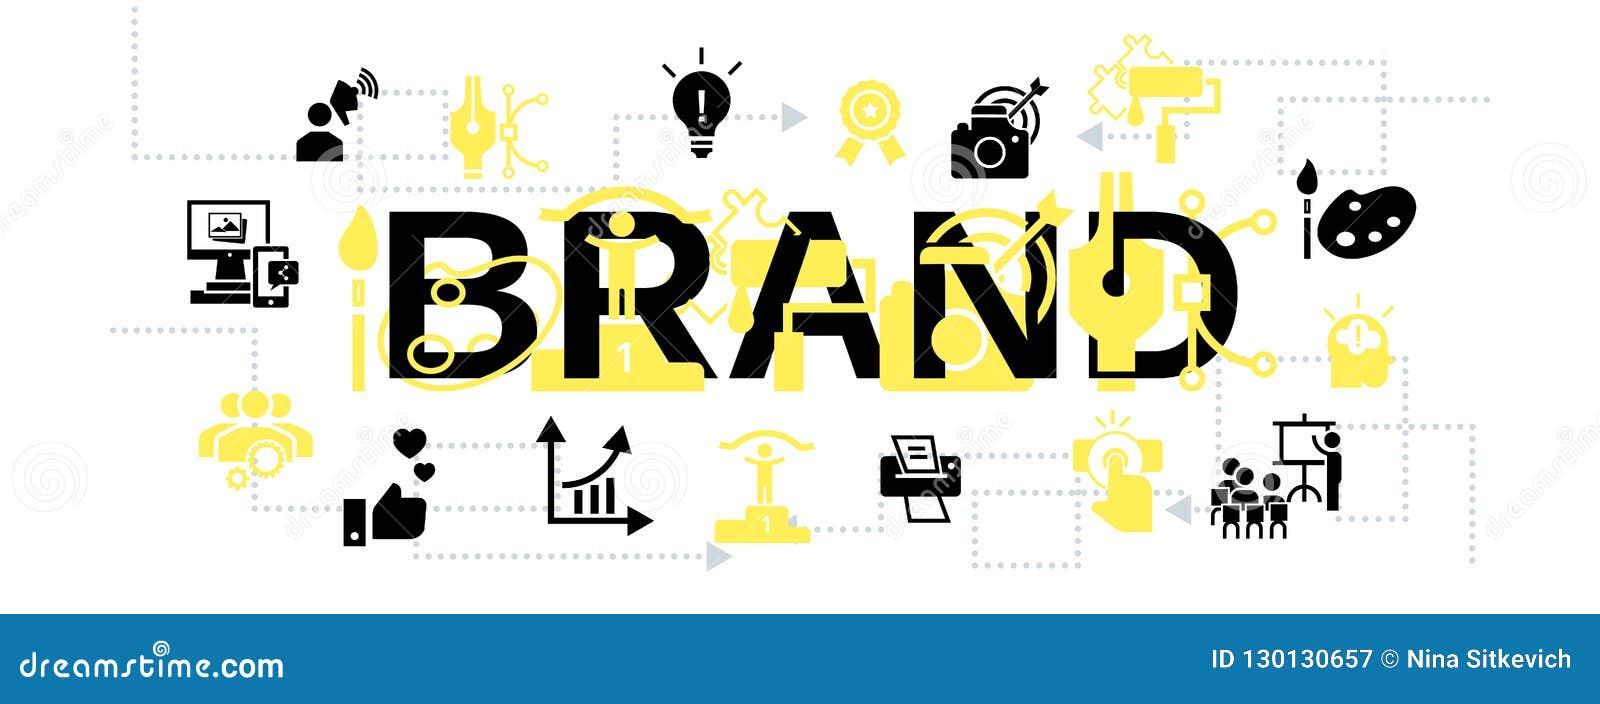 6e226b2ea1b Bannière de concept de société de marque Illustration simple de la bannière  de concept de vecteur de société de marque pour la conception web  d isolement ...